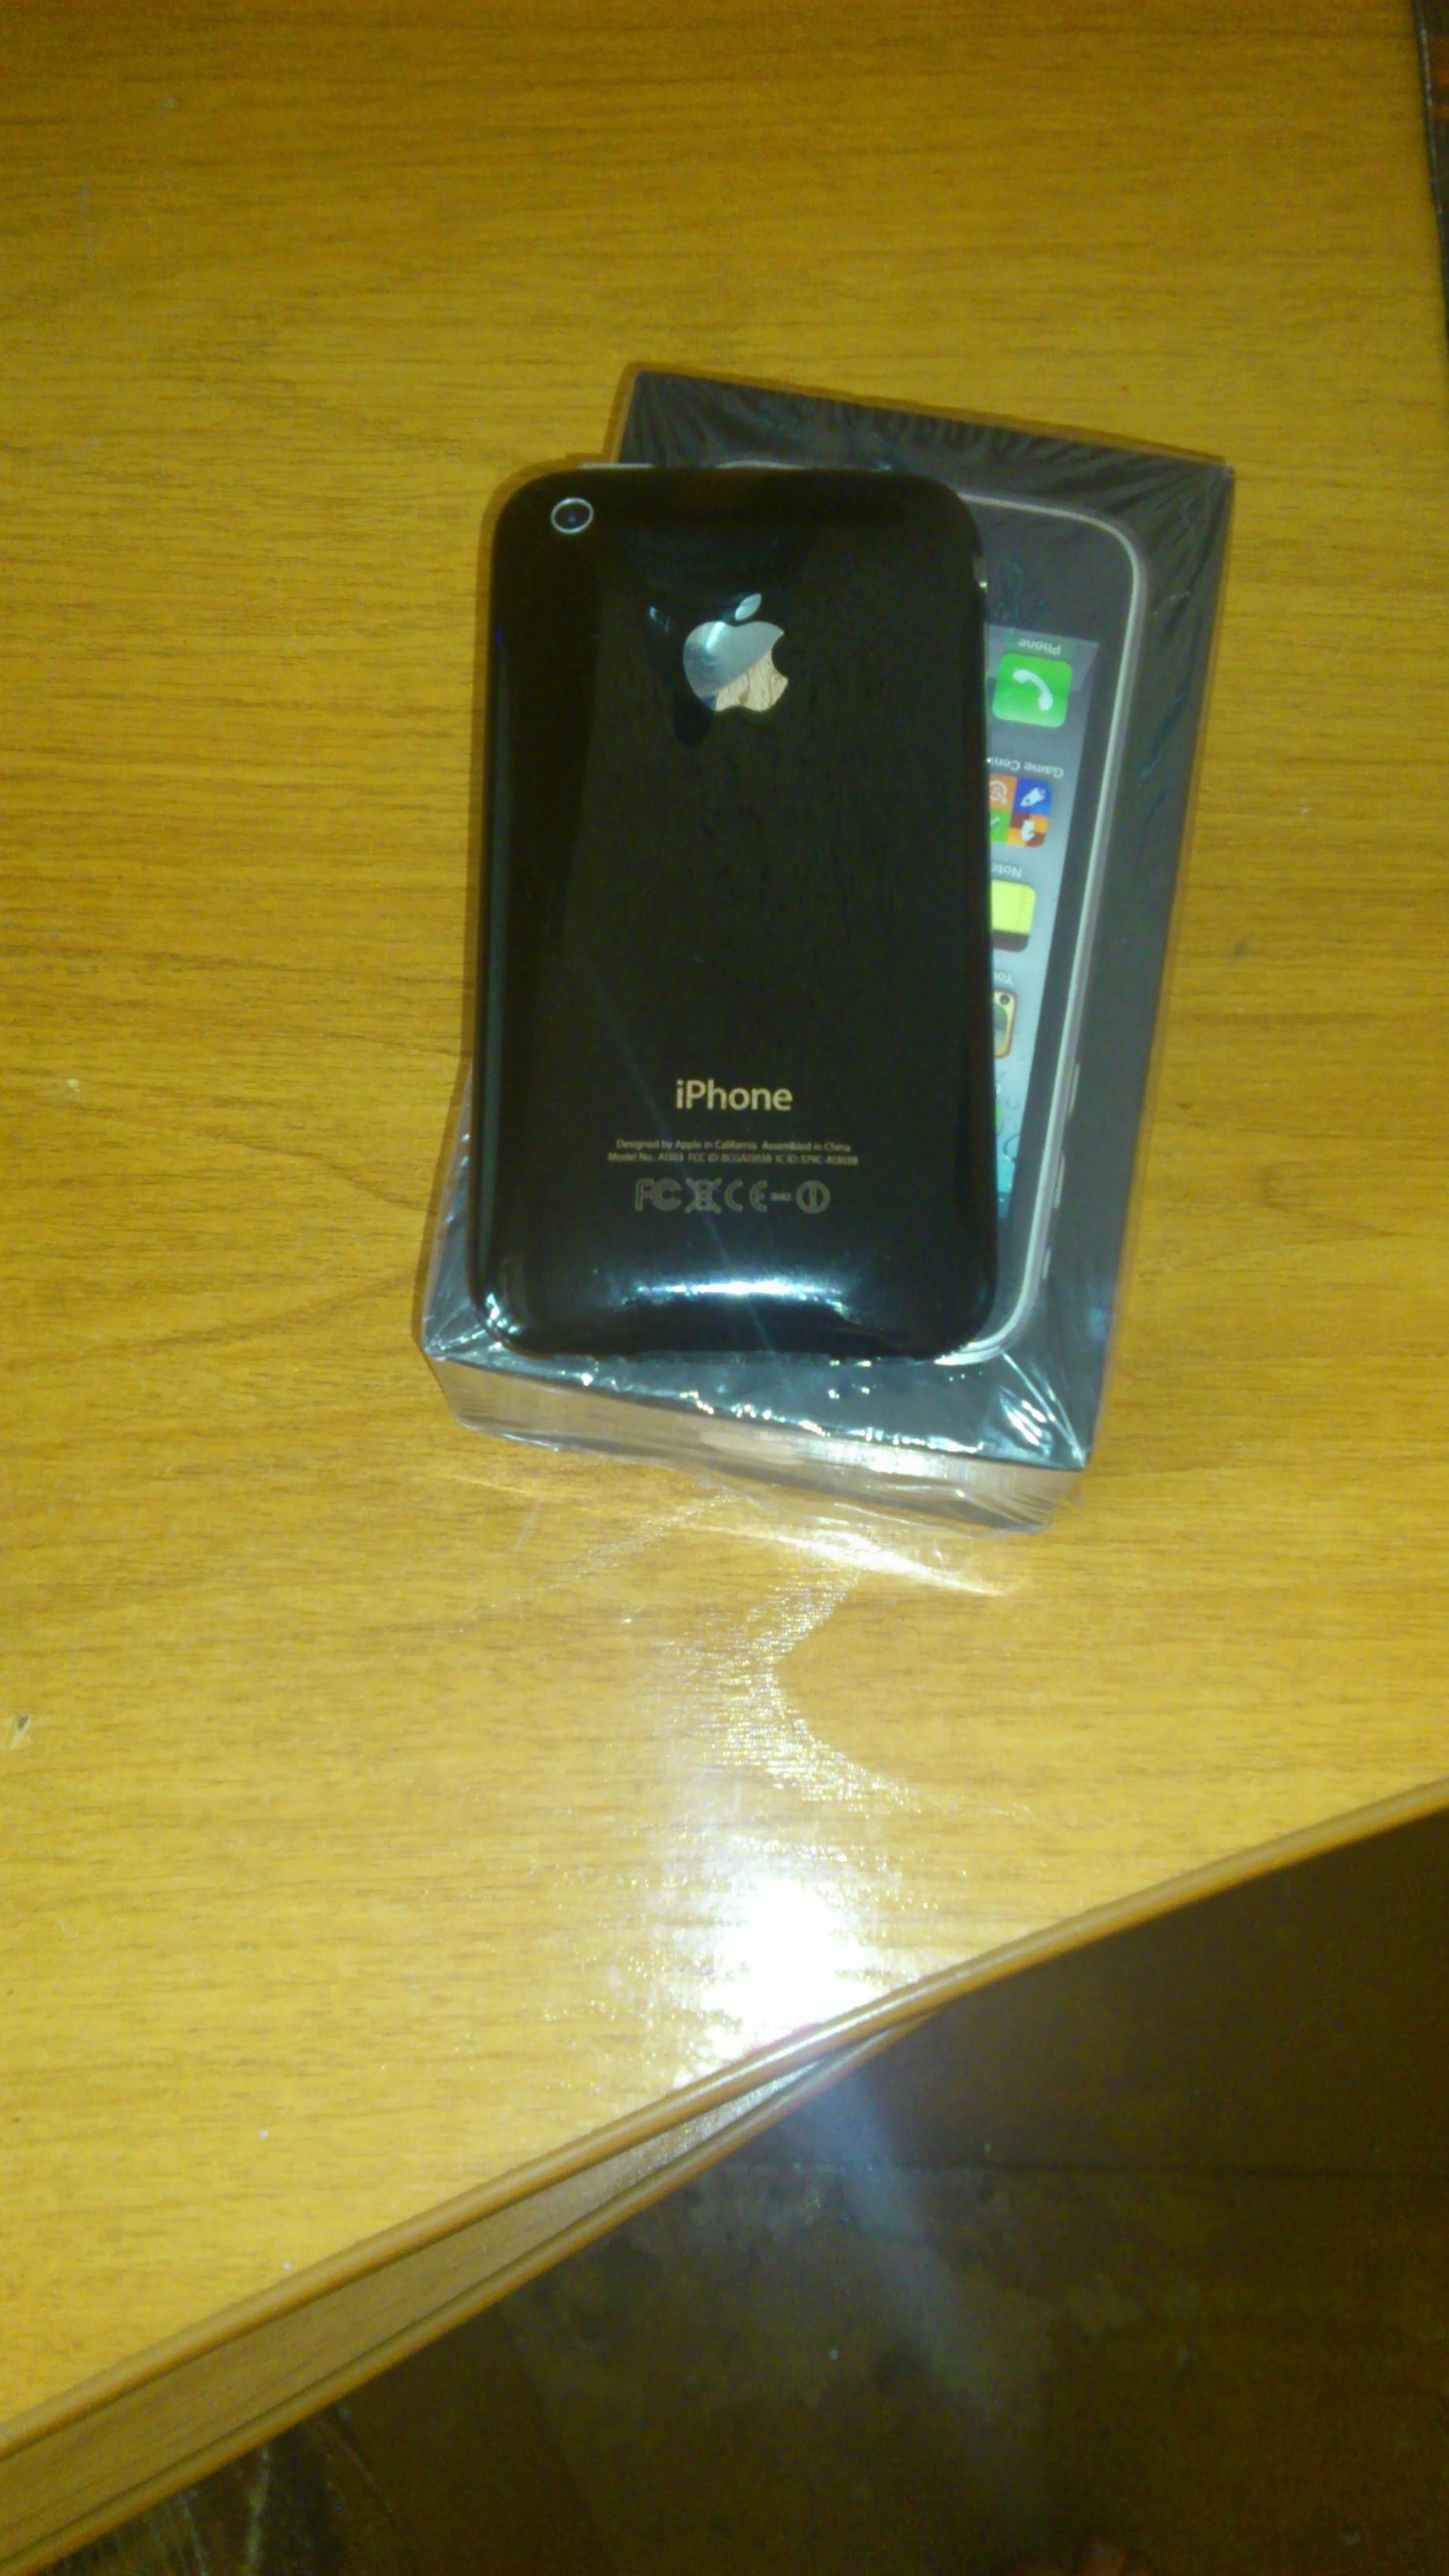 Фото - Продаю IPhone 3GS,black, 8GB оригинальный